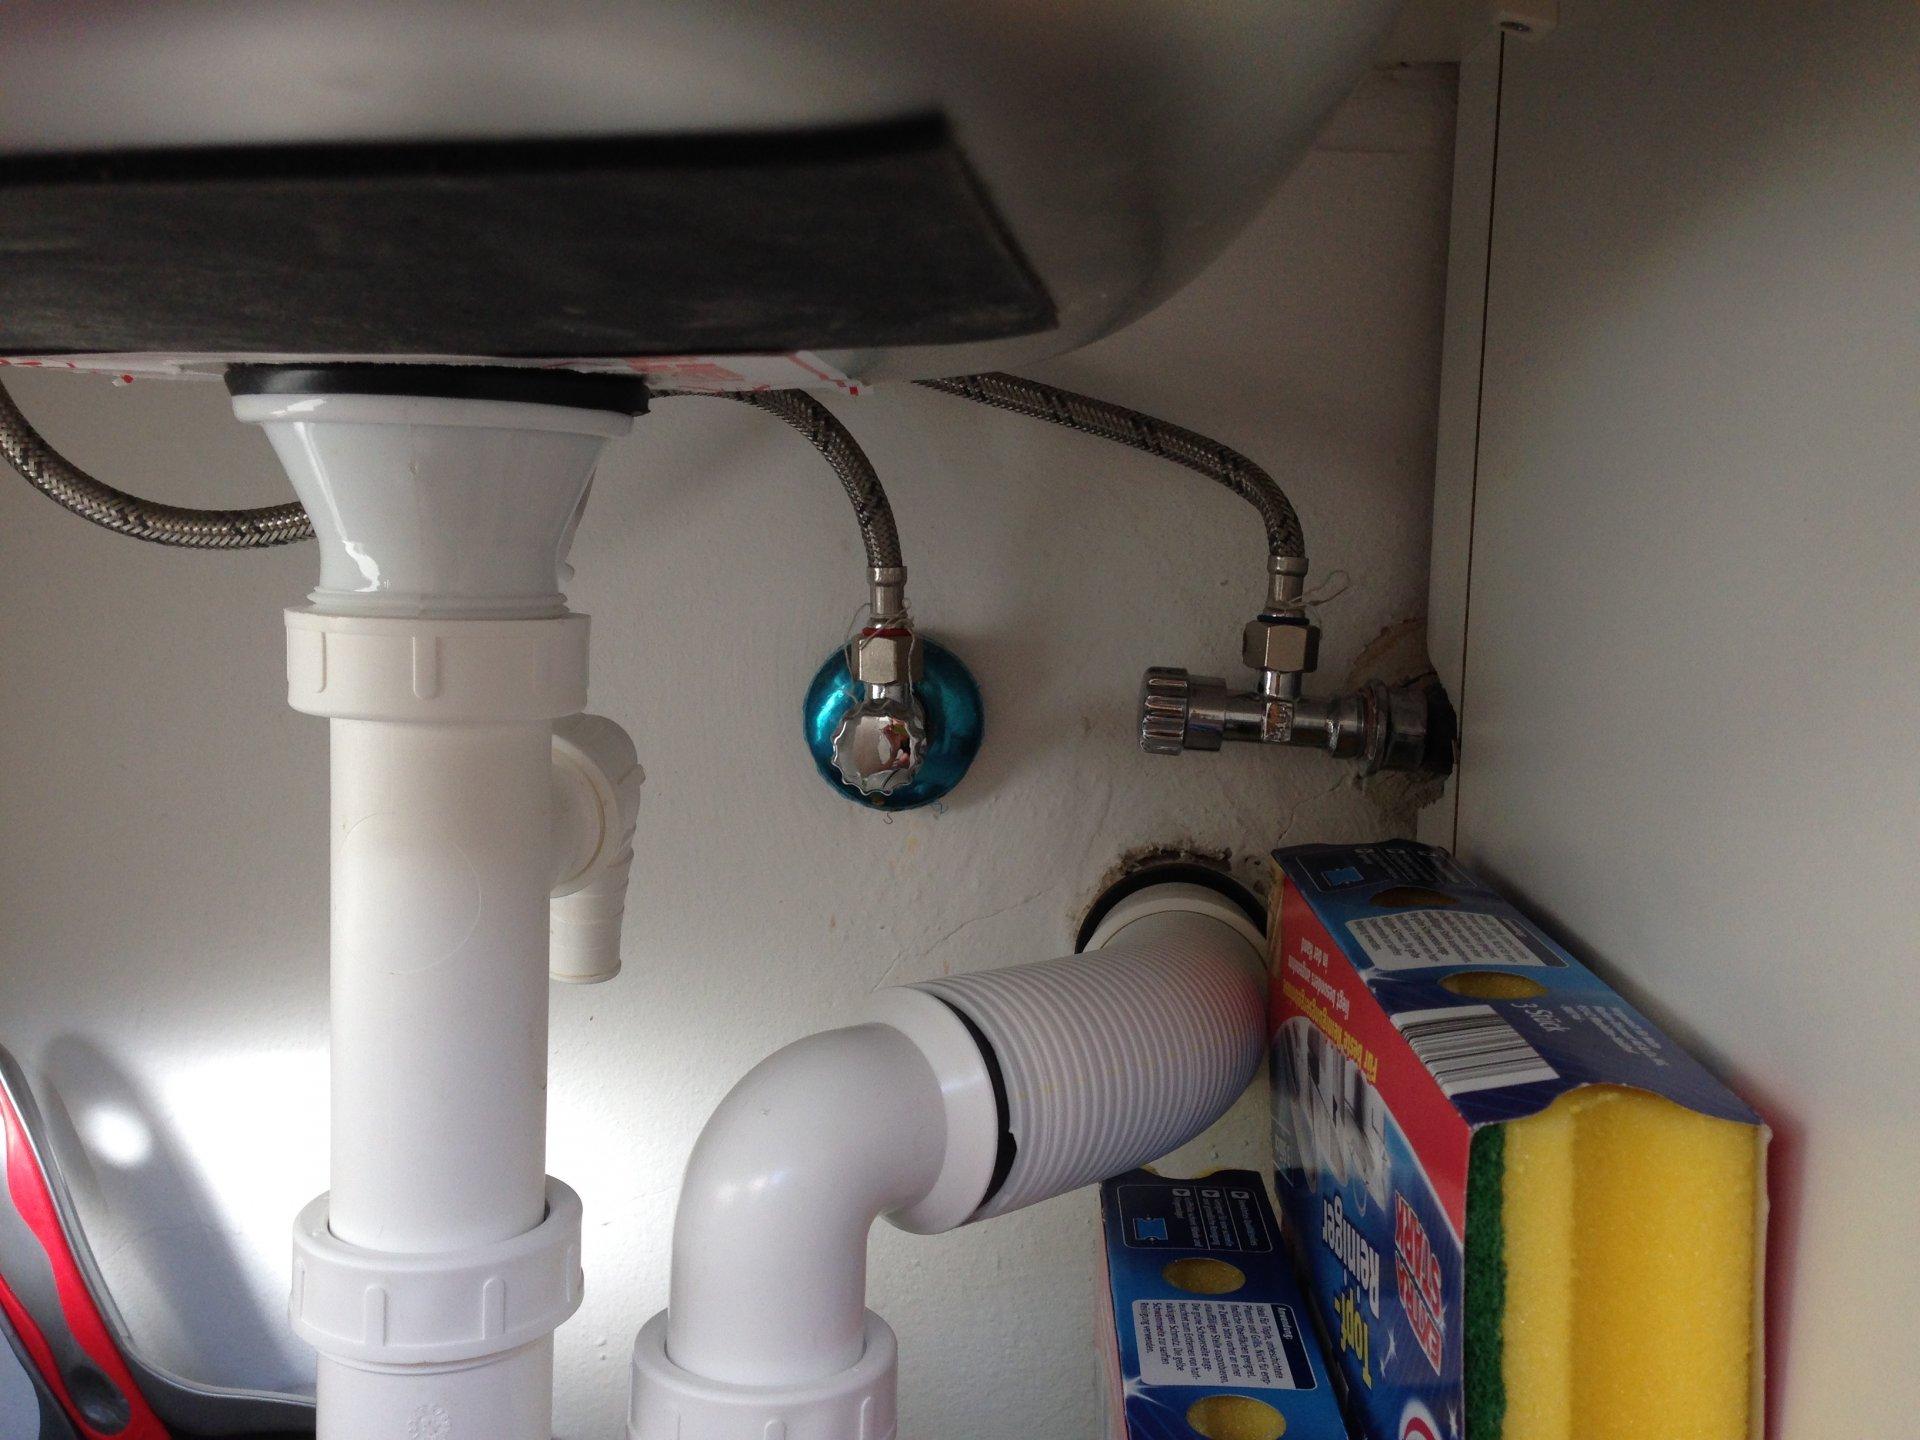 Hervorragend Waschmaschinenanschluss - Was brauche ich? DX23